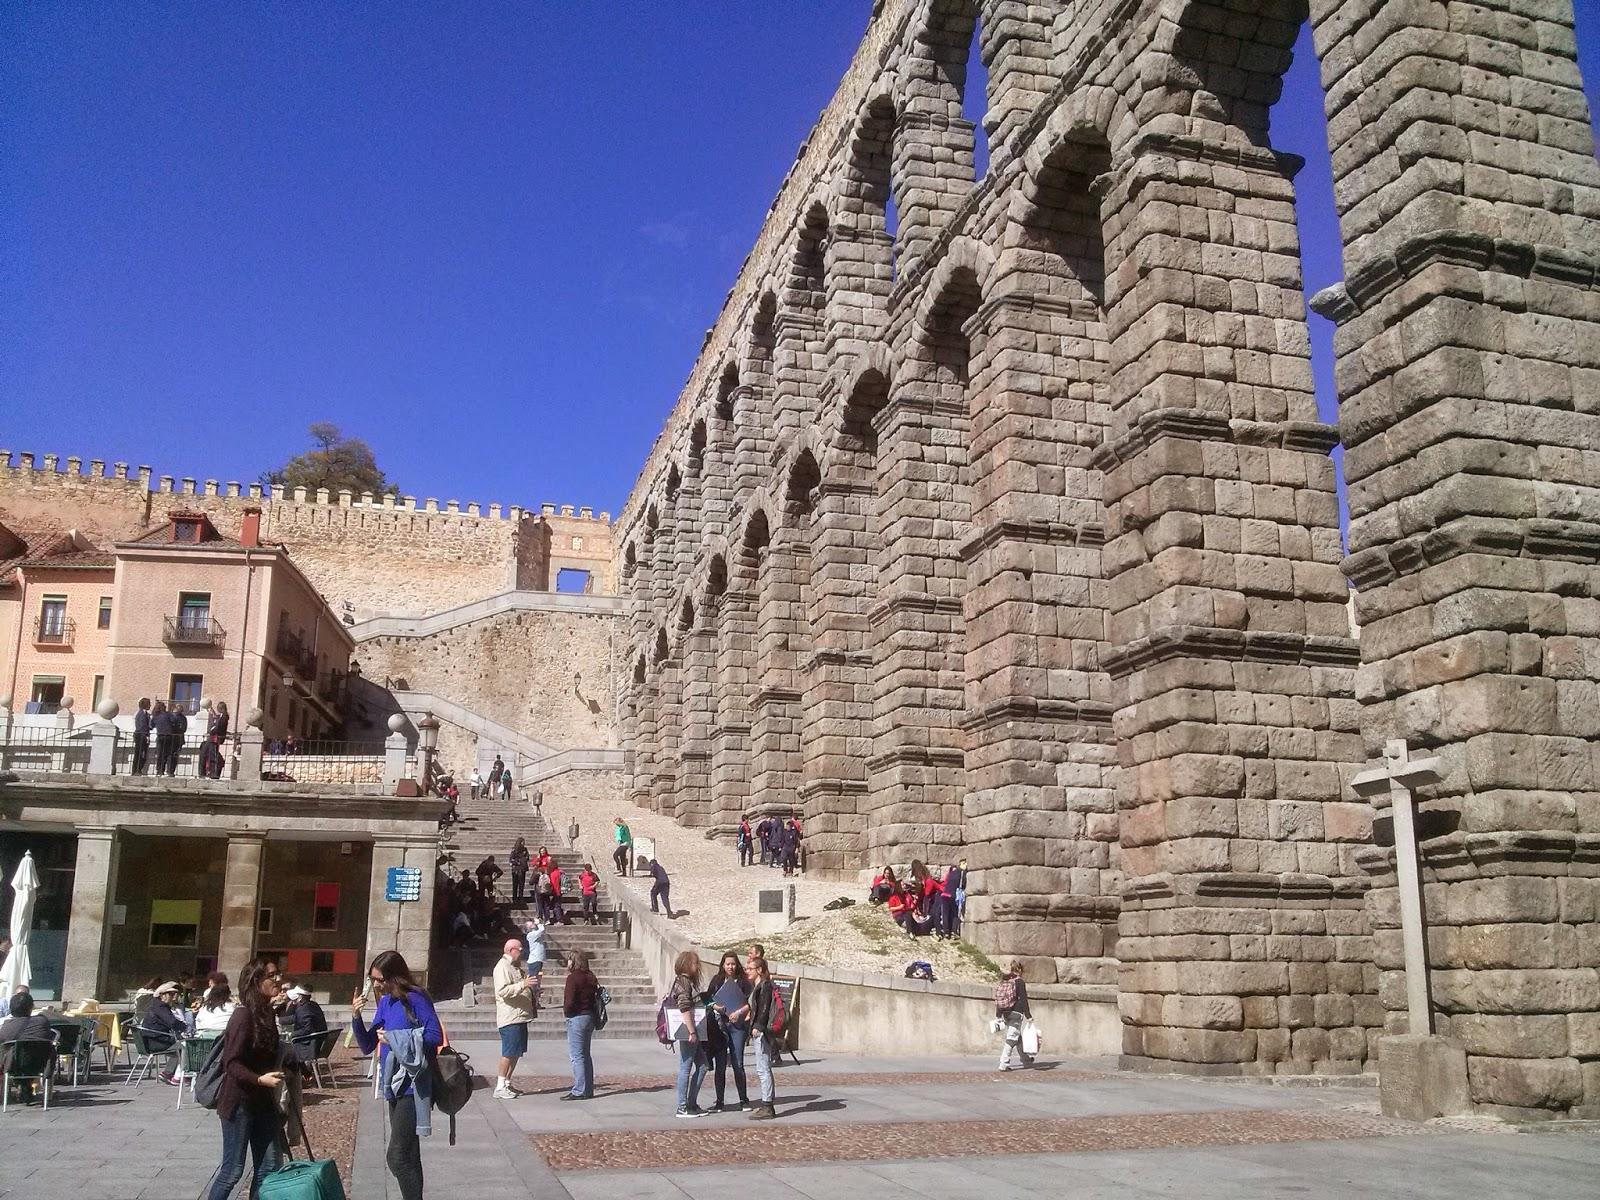 Turismo express: acueducto de segovia